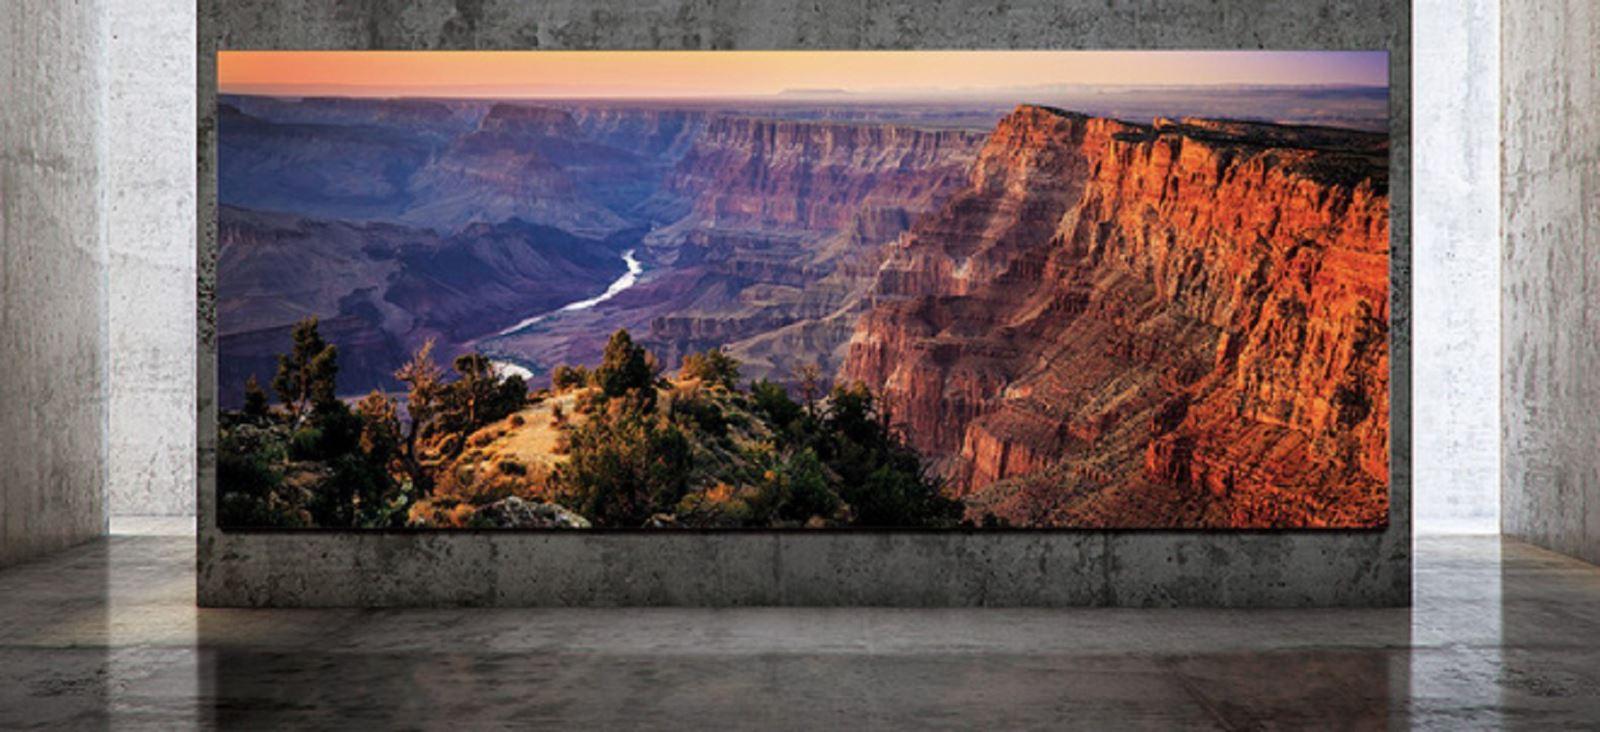 Samsung ra mắt TV The Wall Luxuryvới kích thước 292 inch, độ phân giải 8K